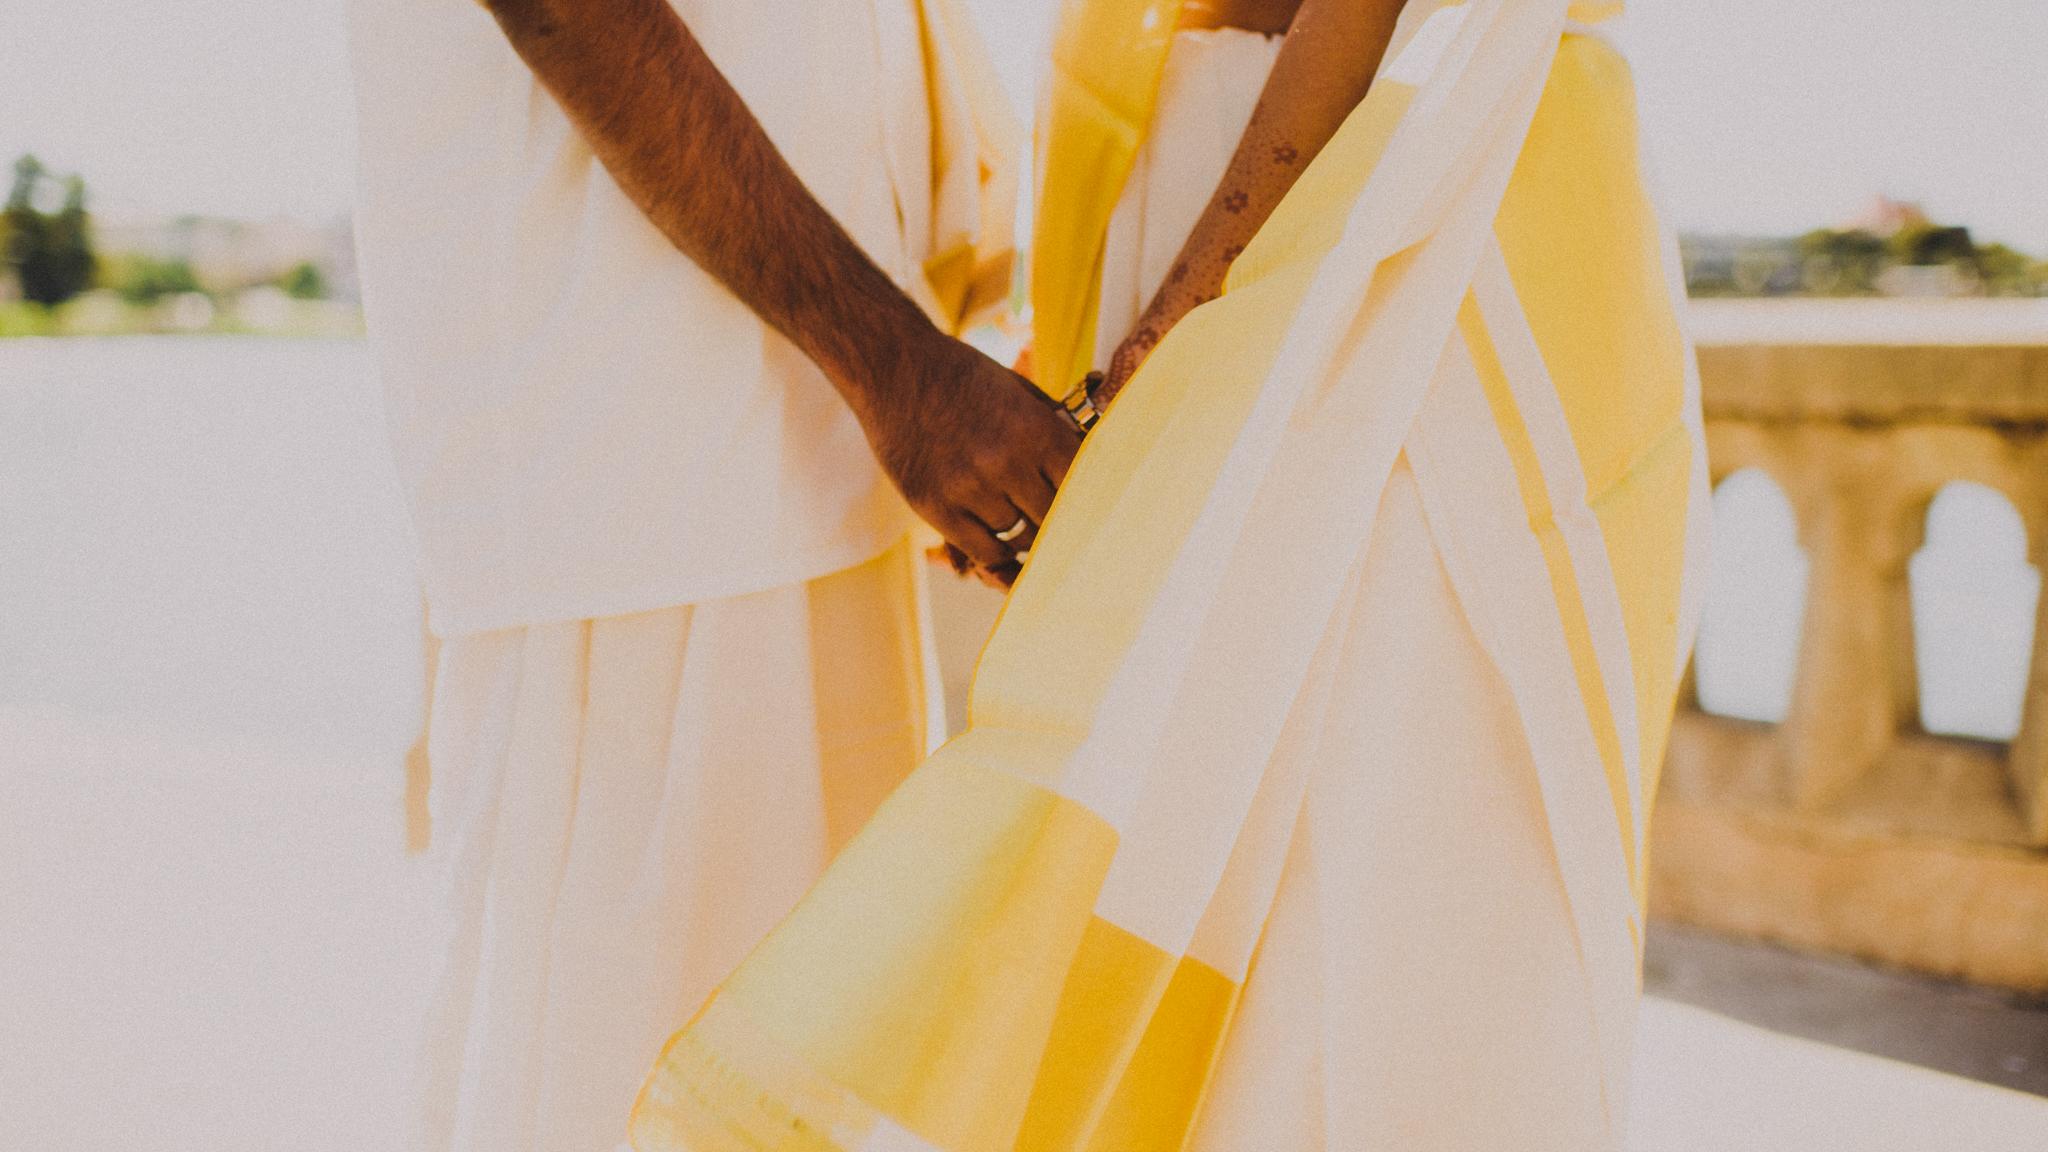 orlando_wedding_photographer_florida_gian_carlo_photography_046.jpg